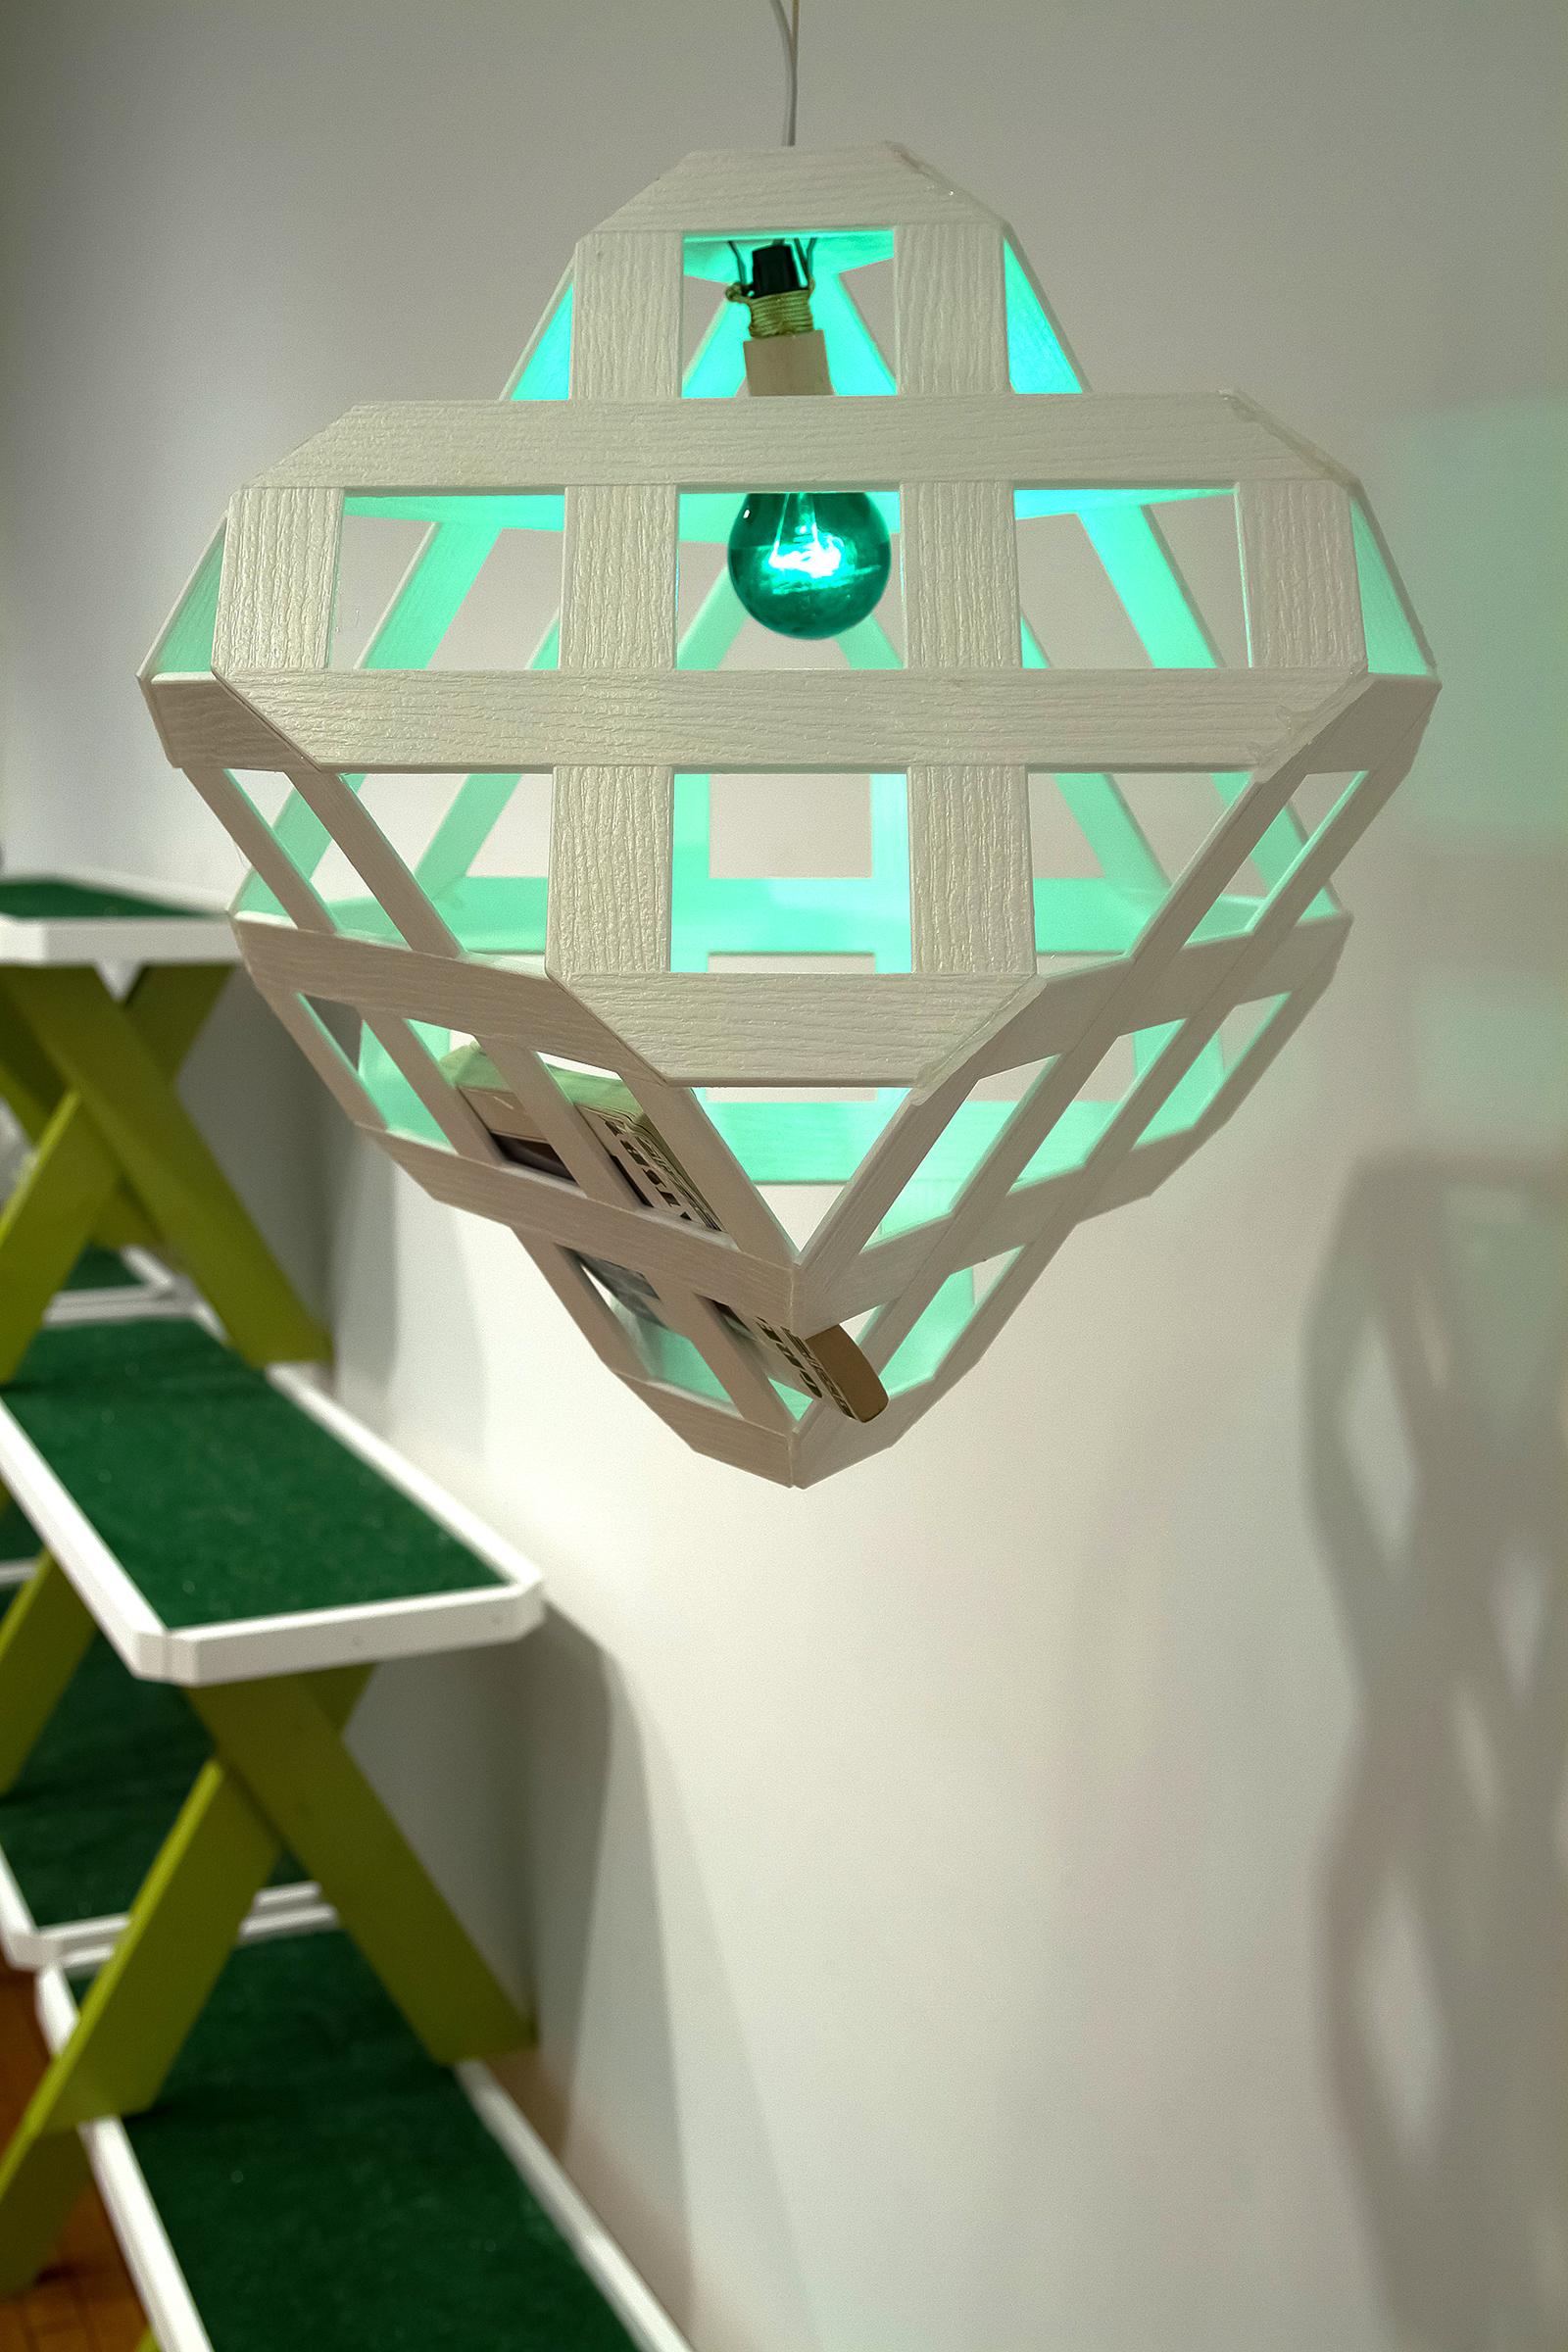 Green_5.jpg